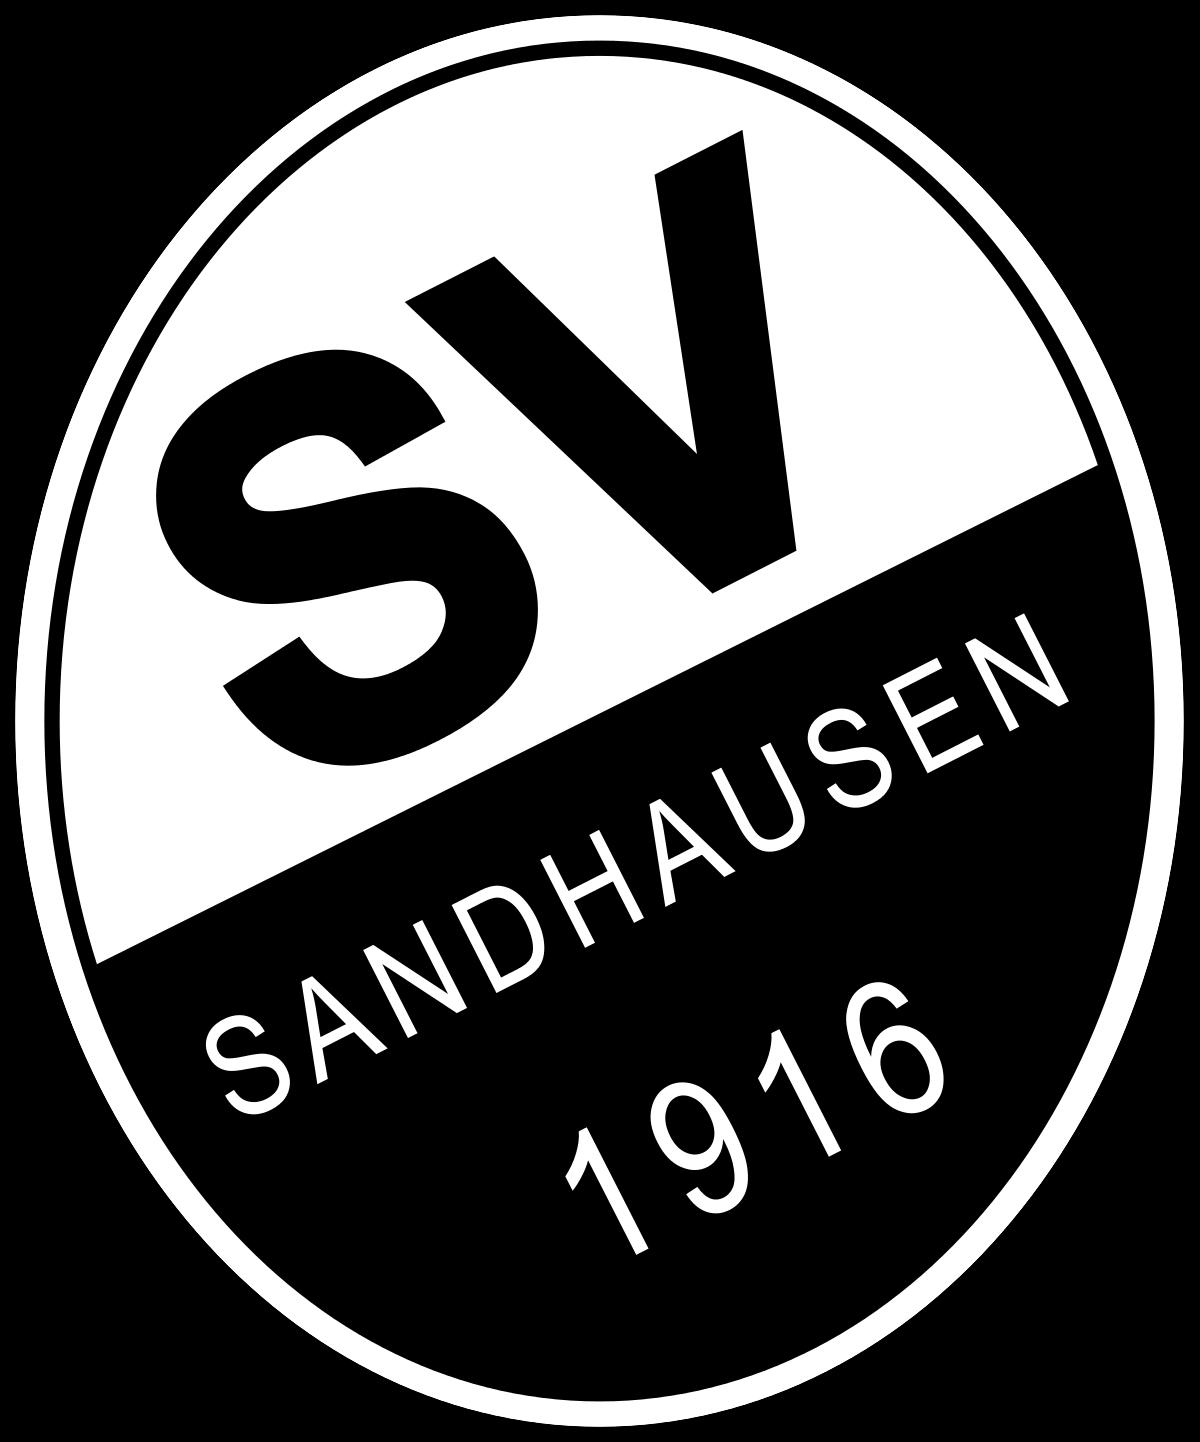 Sandhausen-2 logo